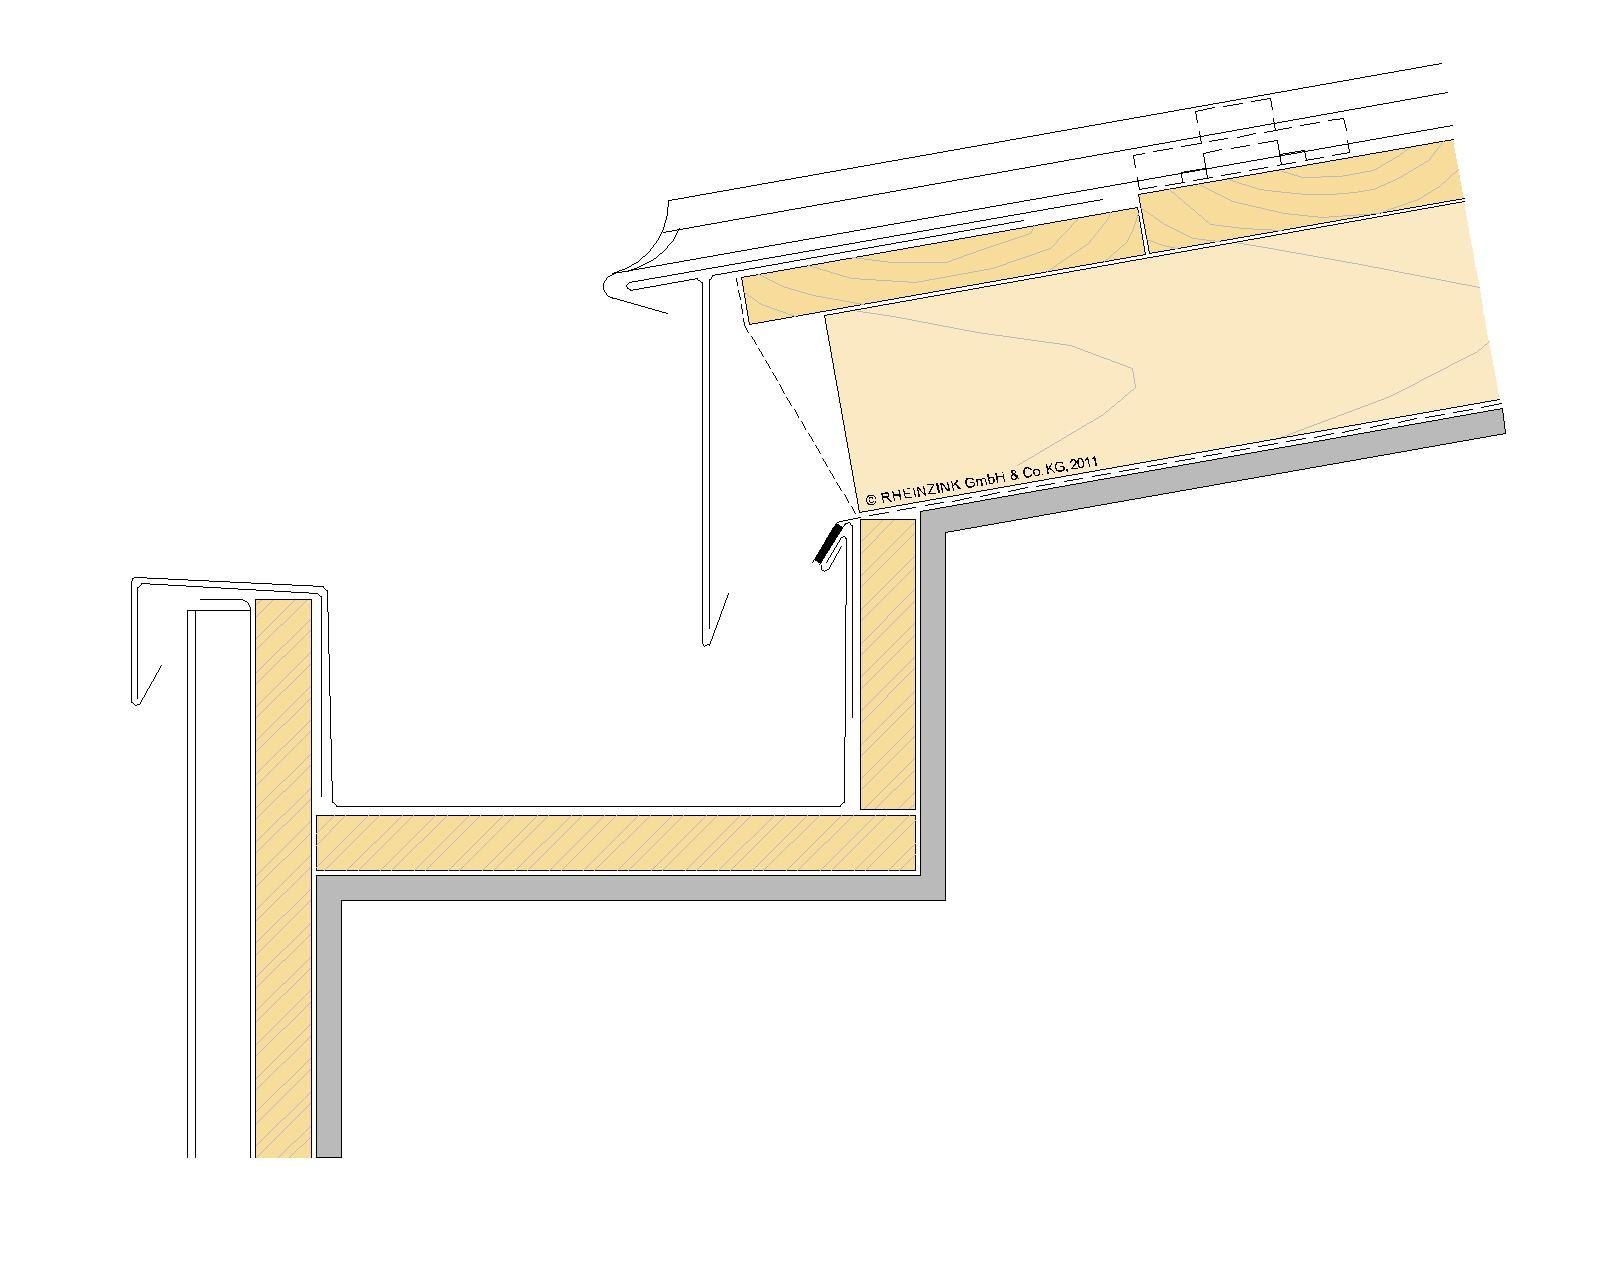 Entwasserung Dach Geneigt Halb Verdeckt Regenrinne Baukonstruktionen Dachrinne